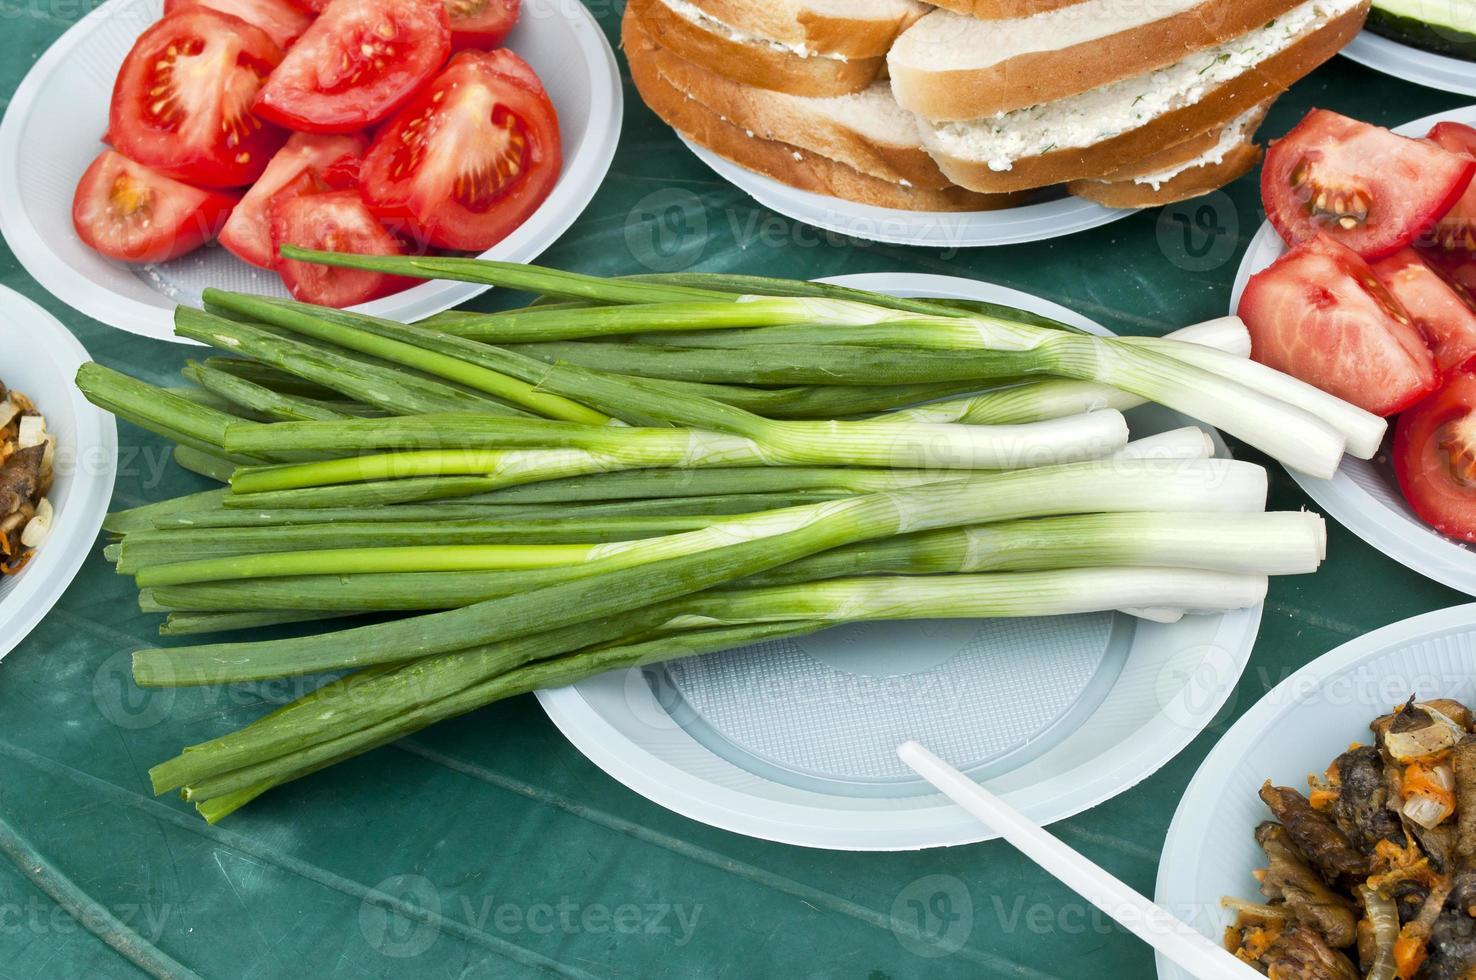 cipolle verdi sul tavolo foto